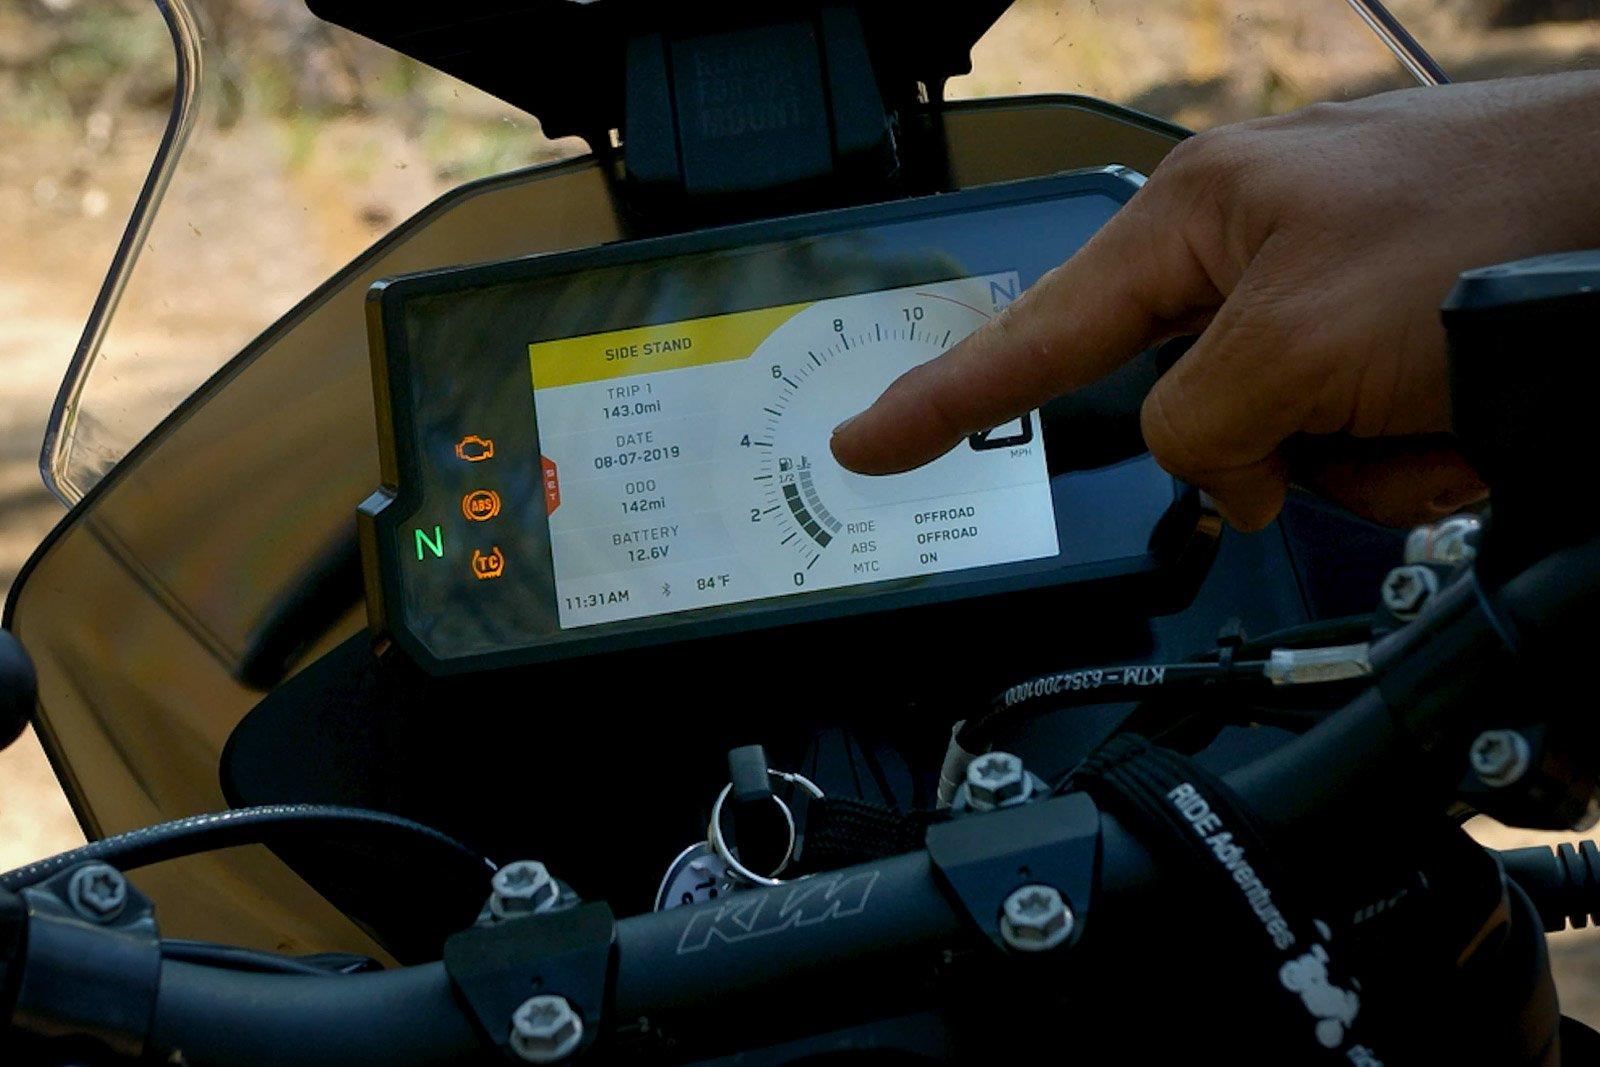 Eric points out the KTM 790's half fuel gauge